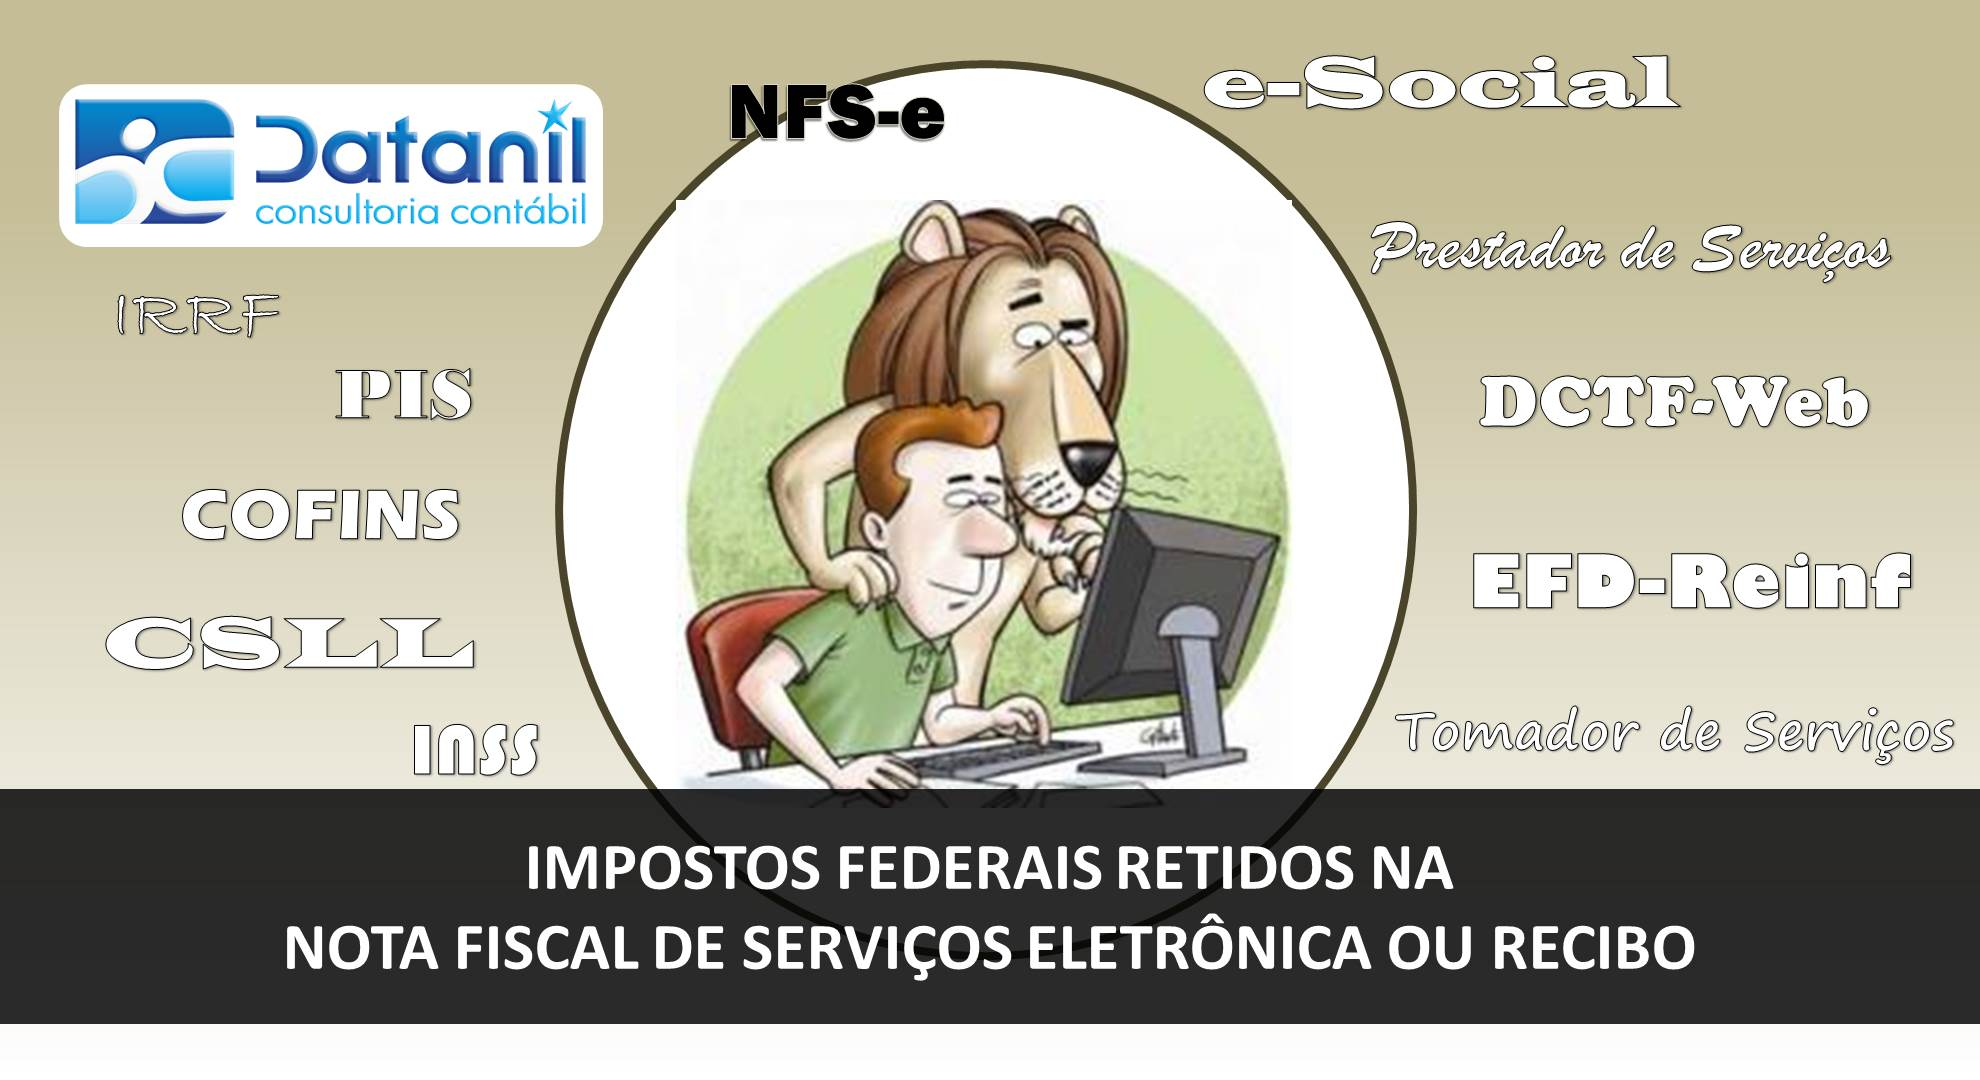 Impostos Federais Retidos Na Nota Fiscal De Prestação De Serviço Eletrônica Ou Recibo